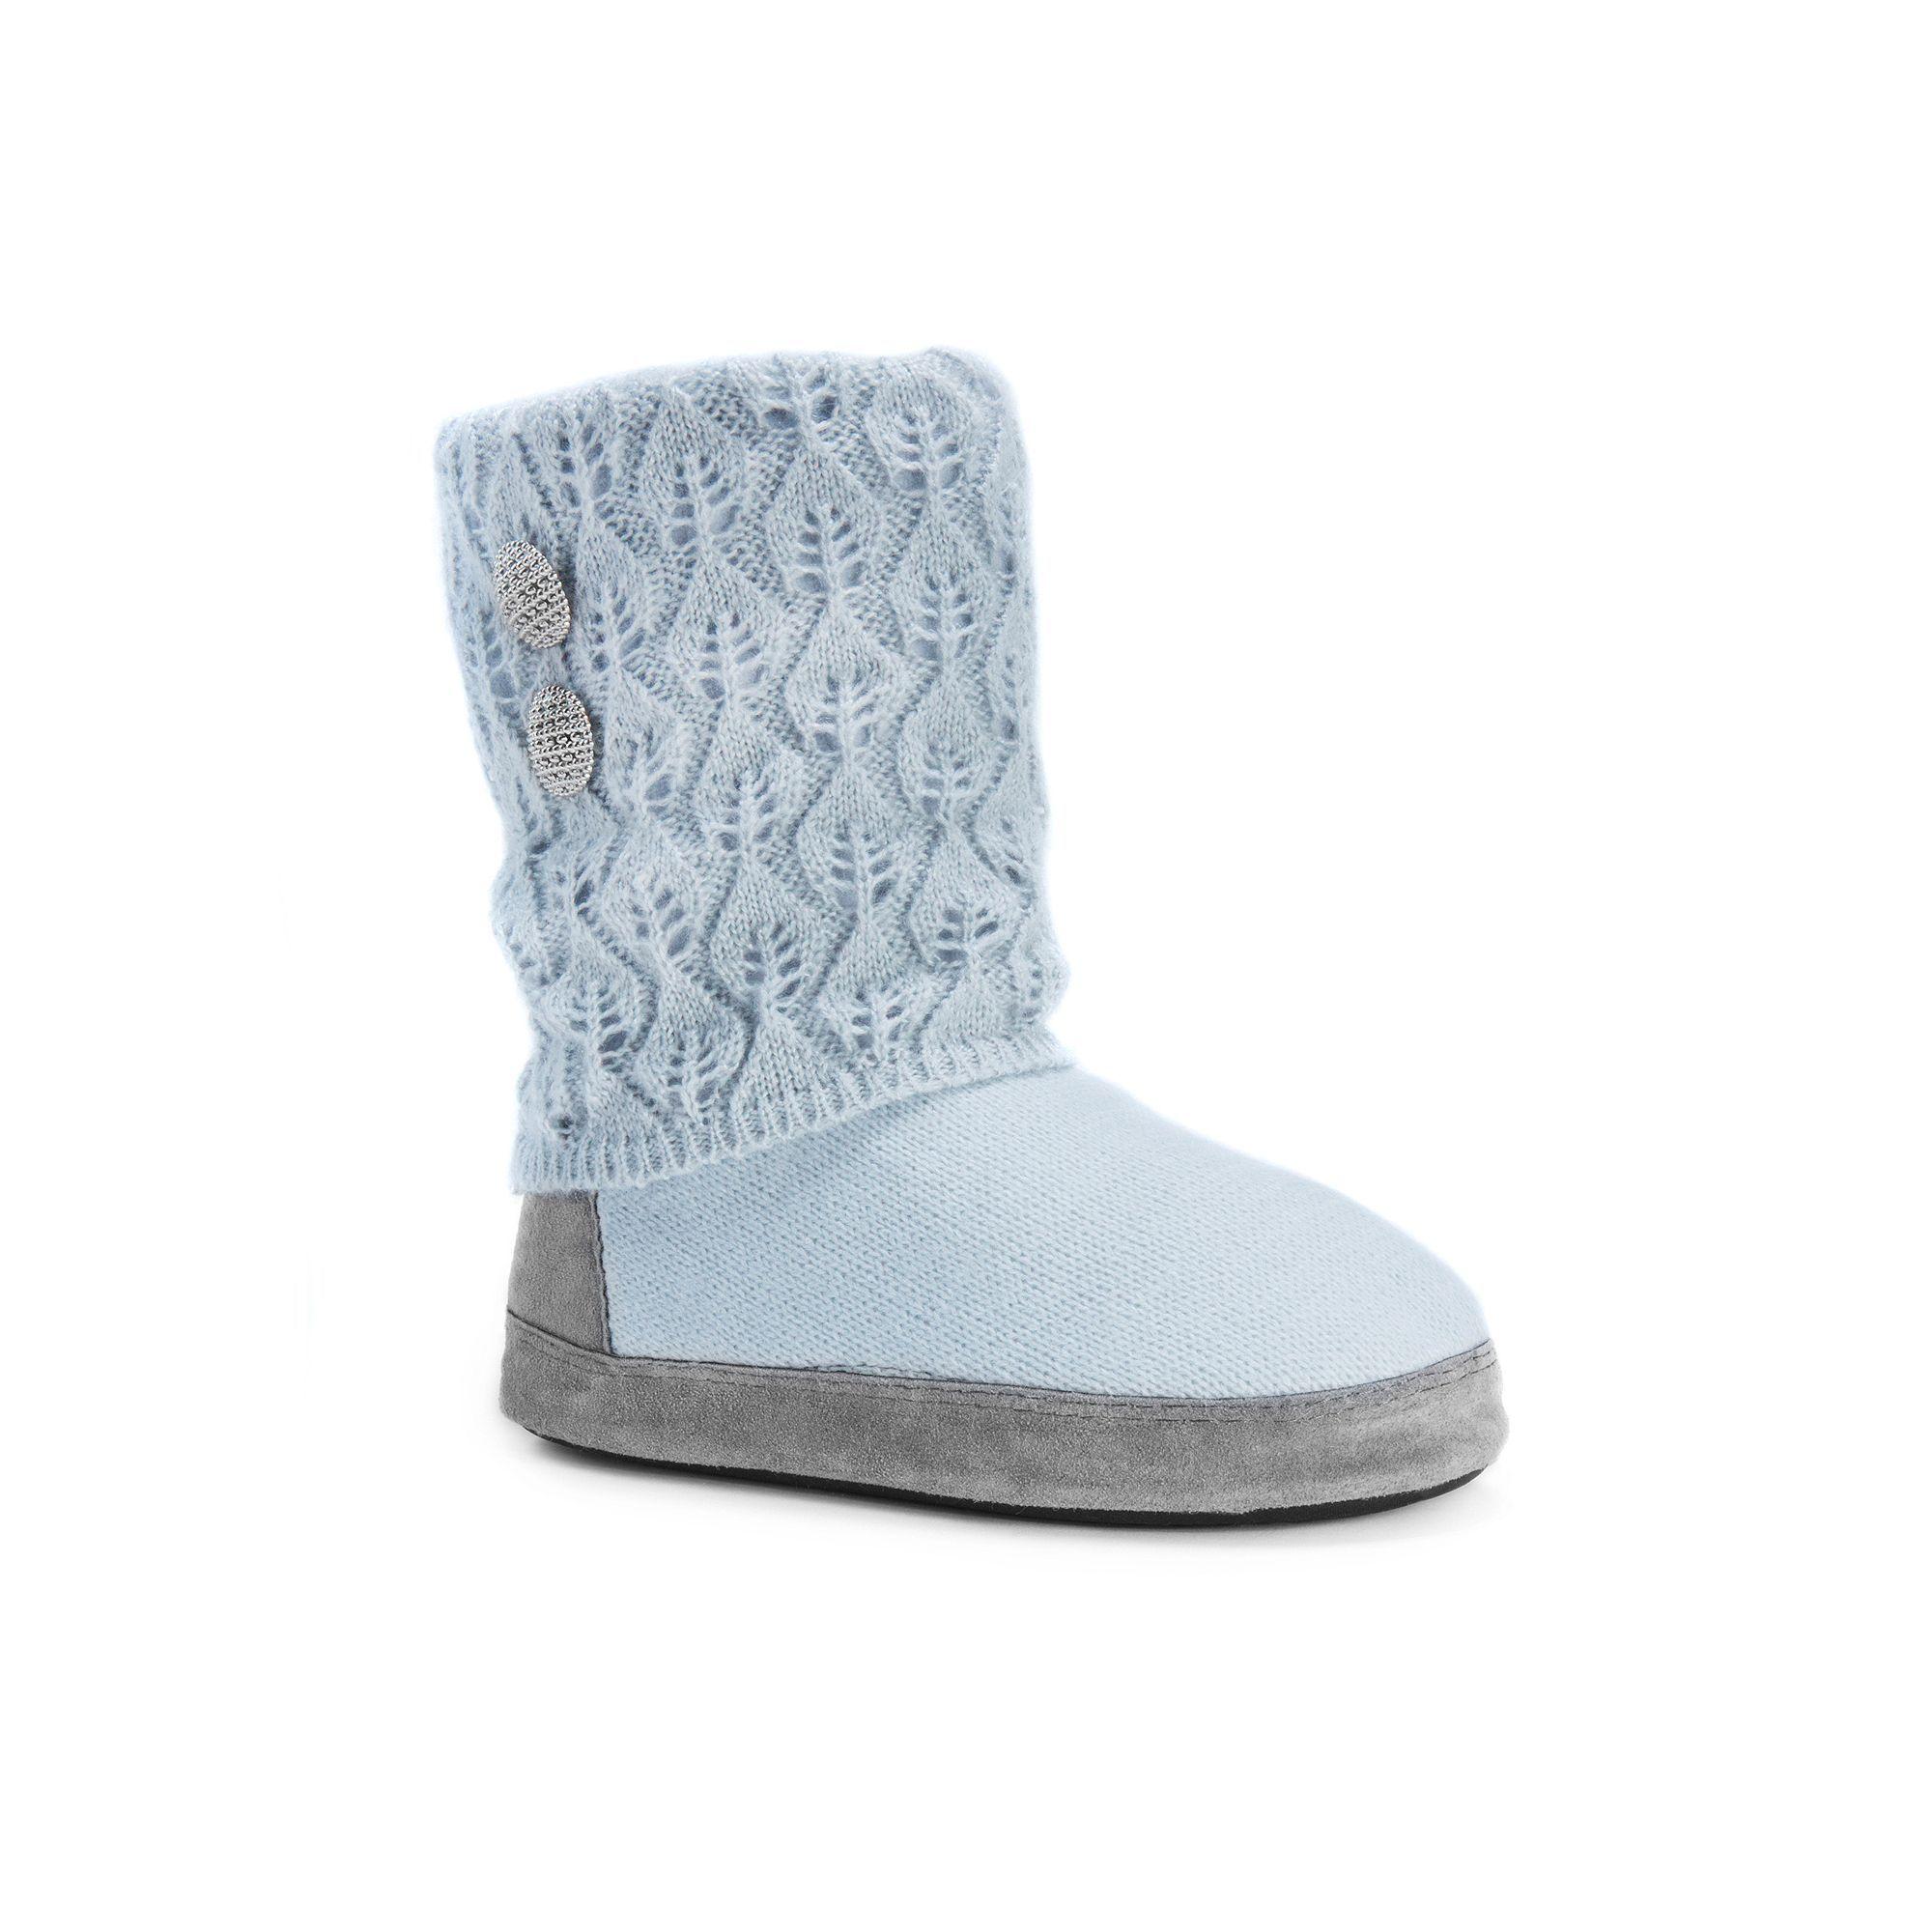 MUK LUKS Sofia Slipper(Women's) -Teal/Stripe Polyester Faux Fur Buy Cheap Prices EZ5QpaGa